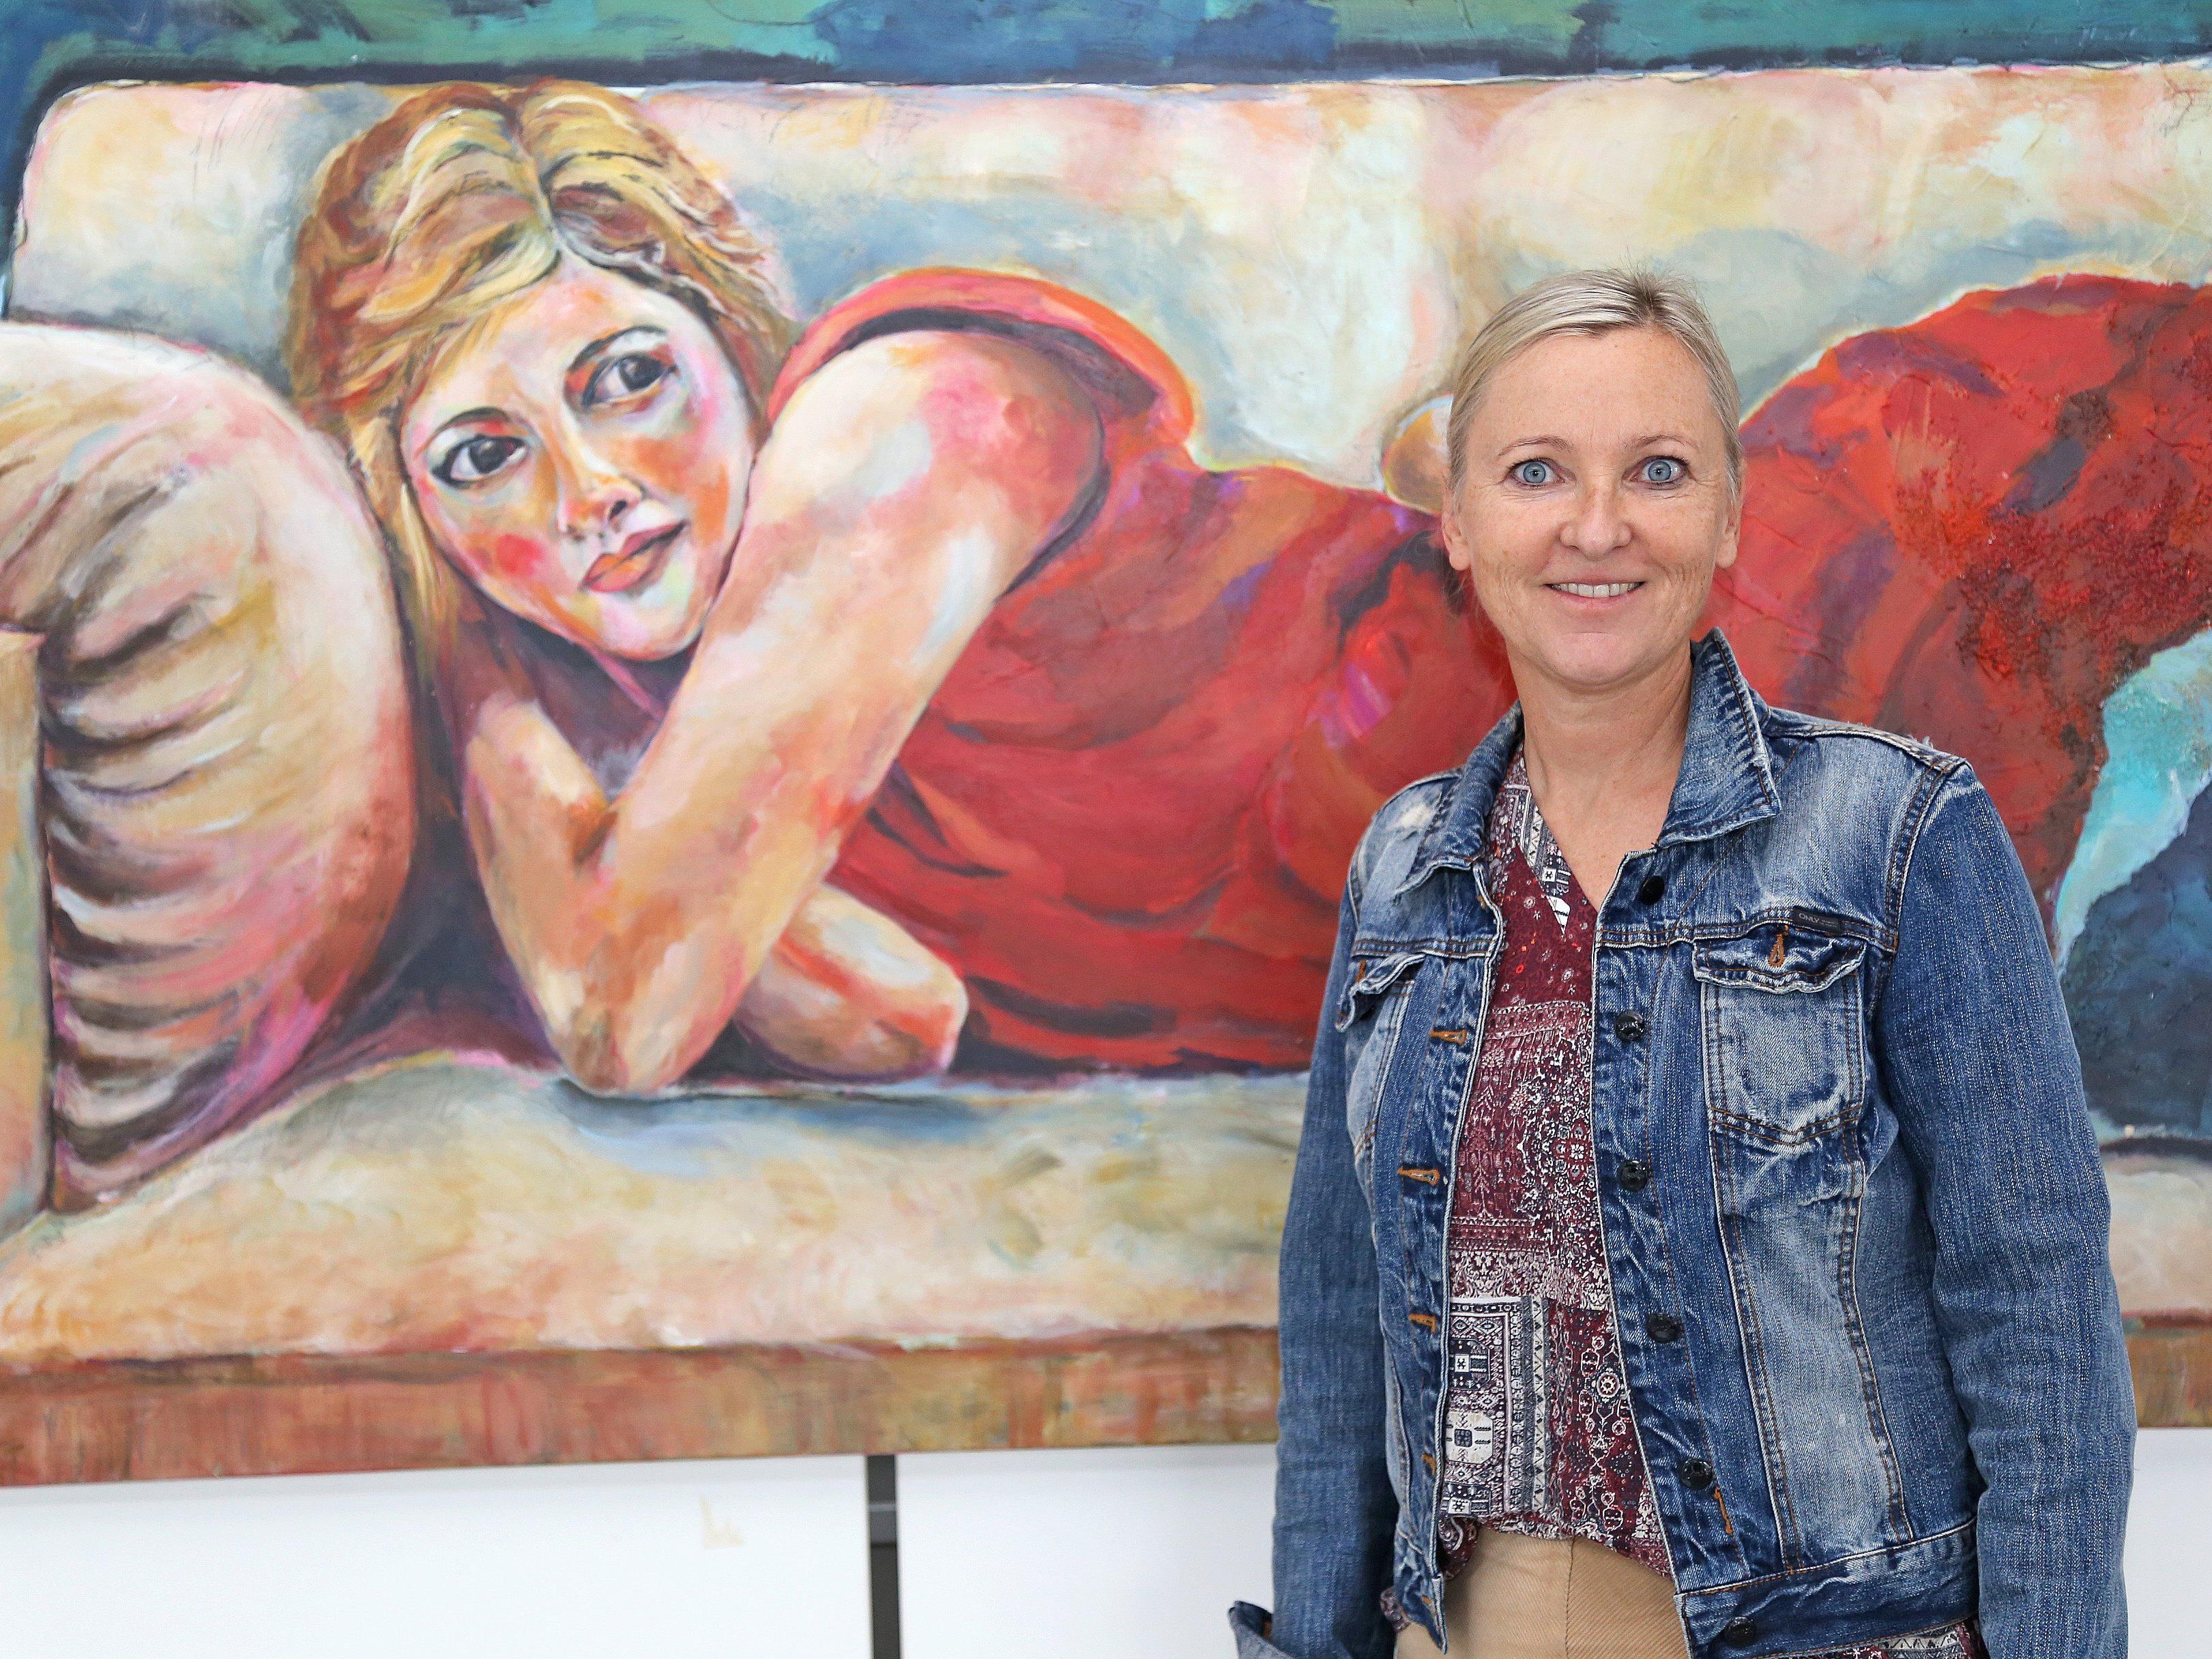 Groß und beeindruckend: 25 Werke sind derzeit im LKH-Foyer ausgestellt.